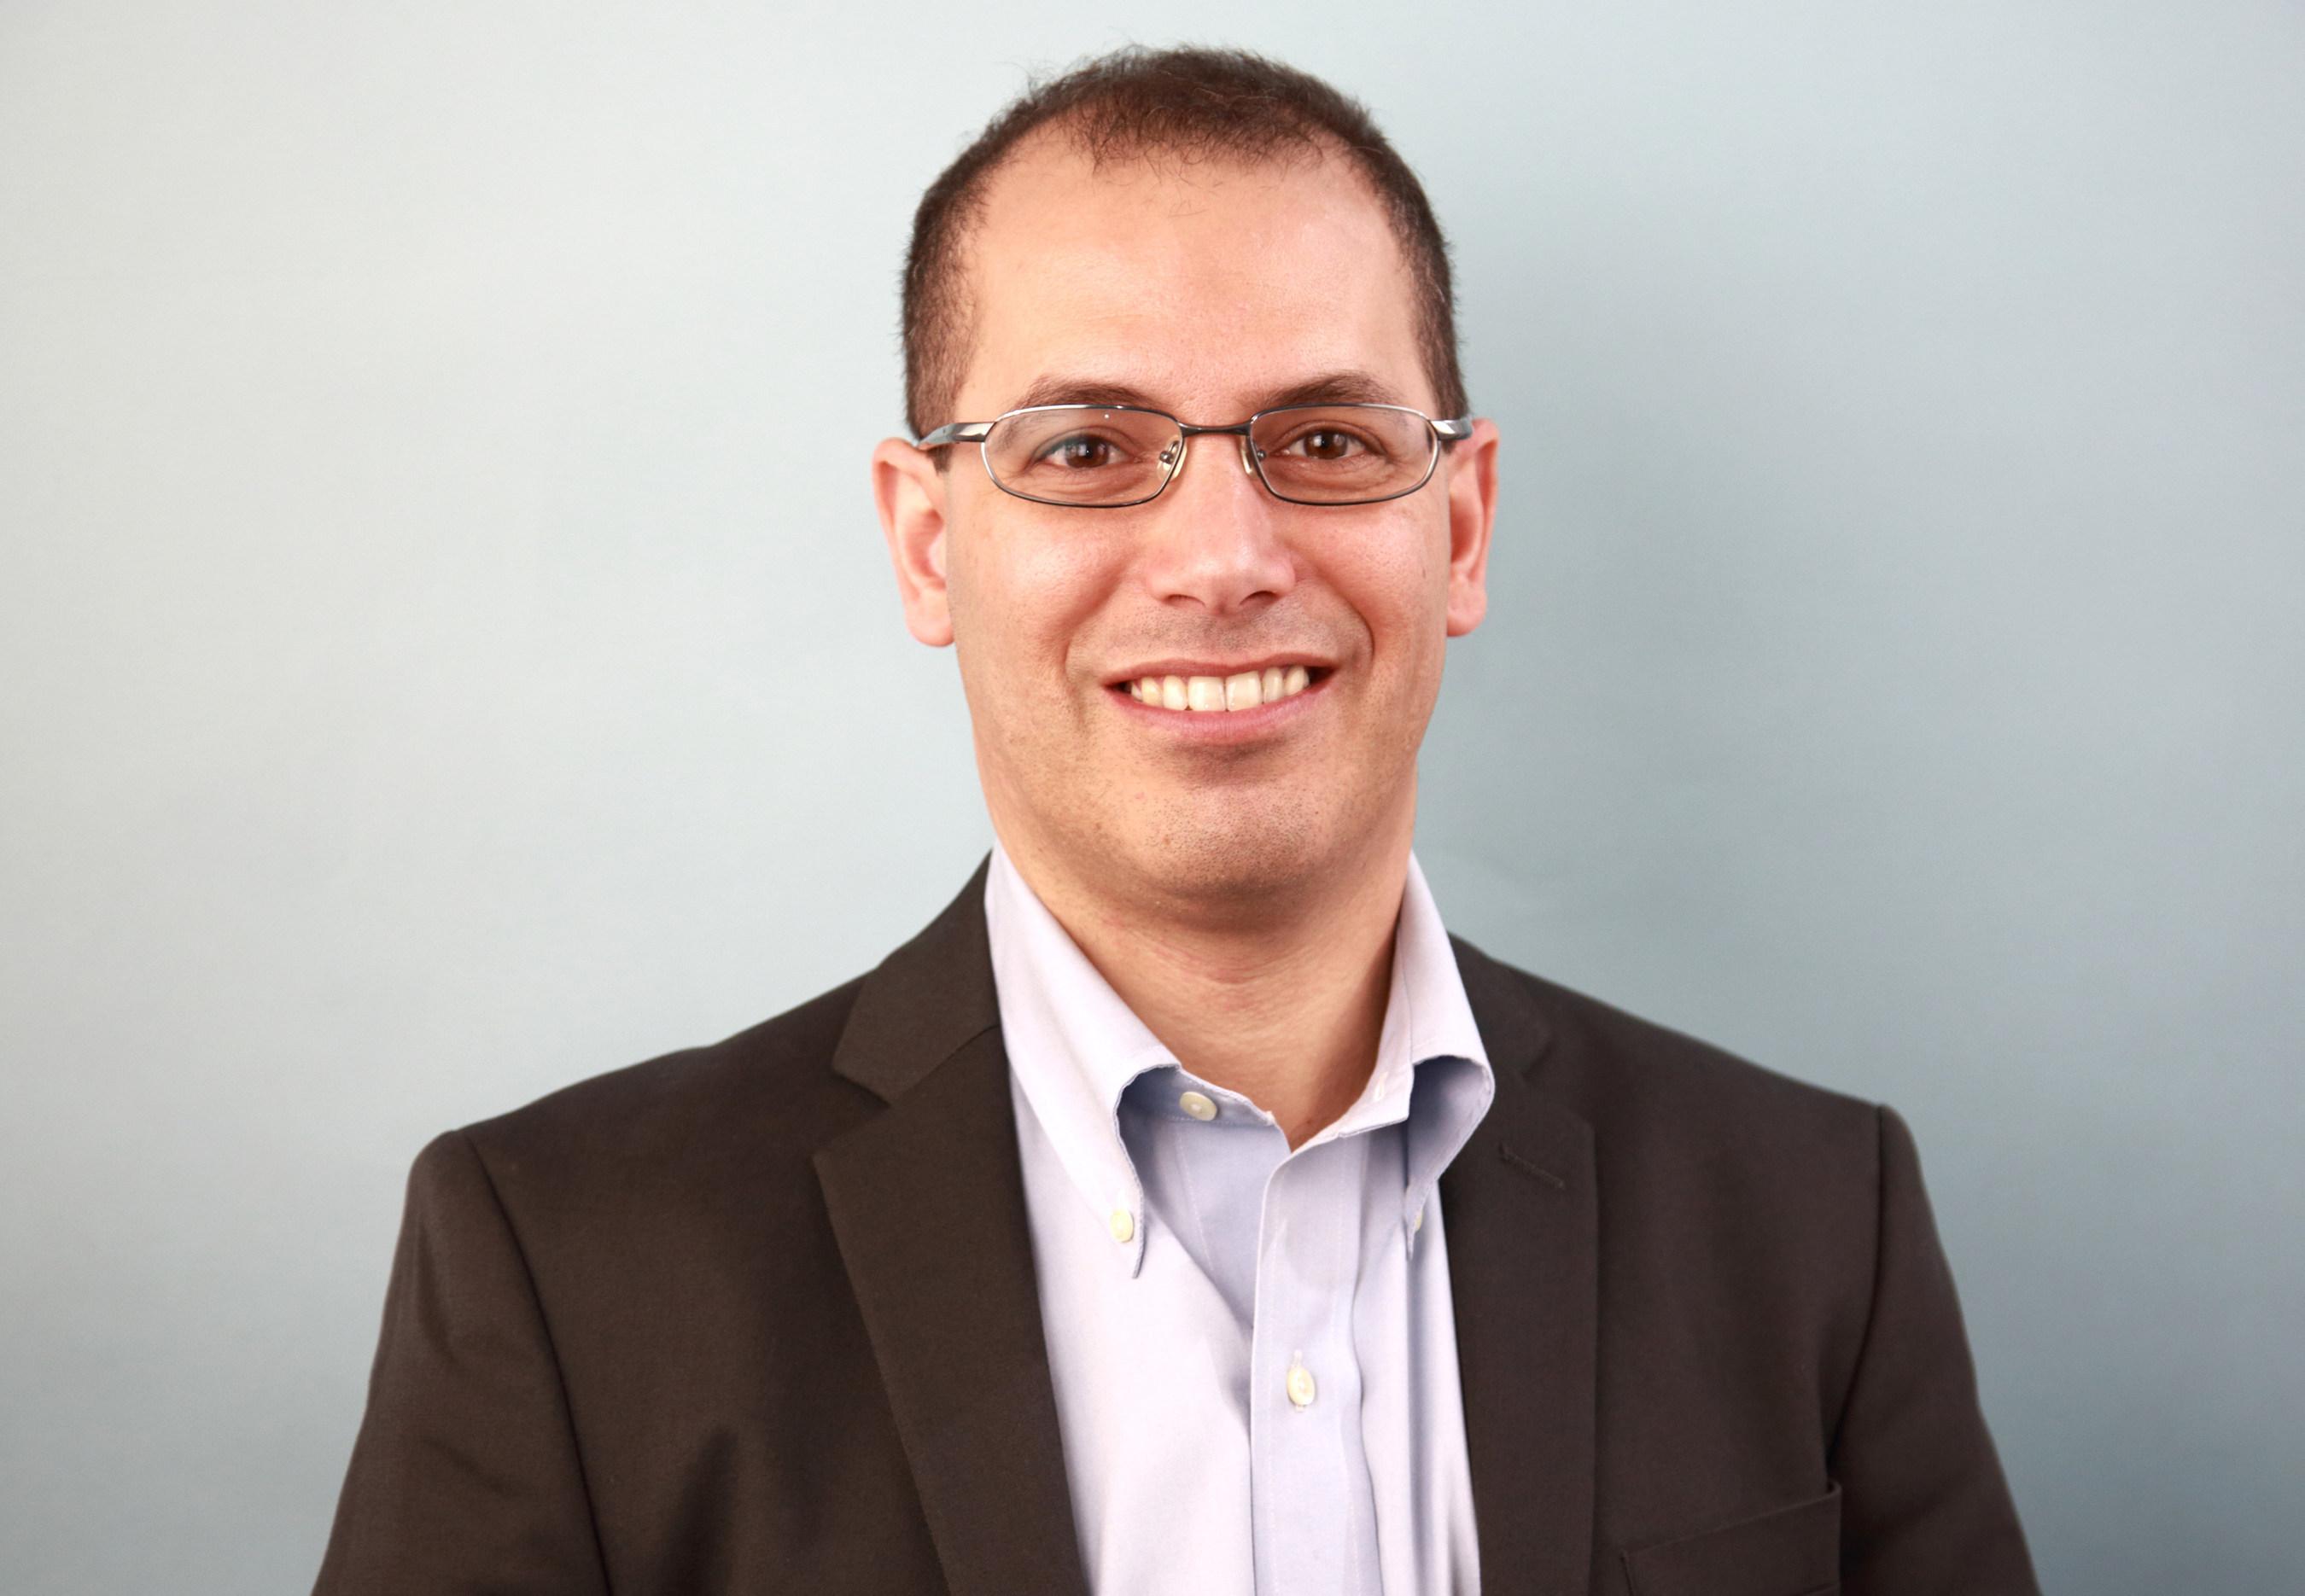 CYREN stellt massive Zunahme bei Malware-Verteilung fest